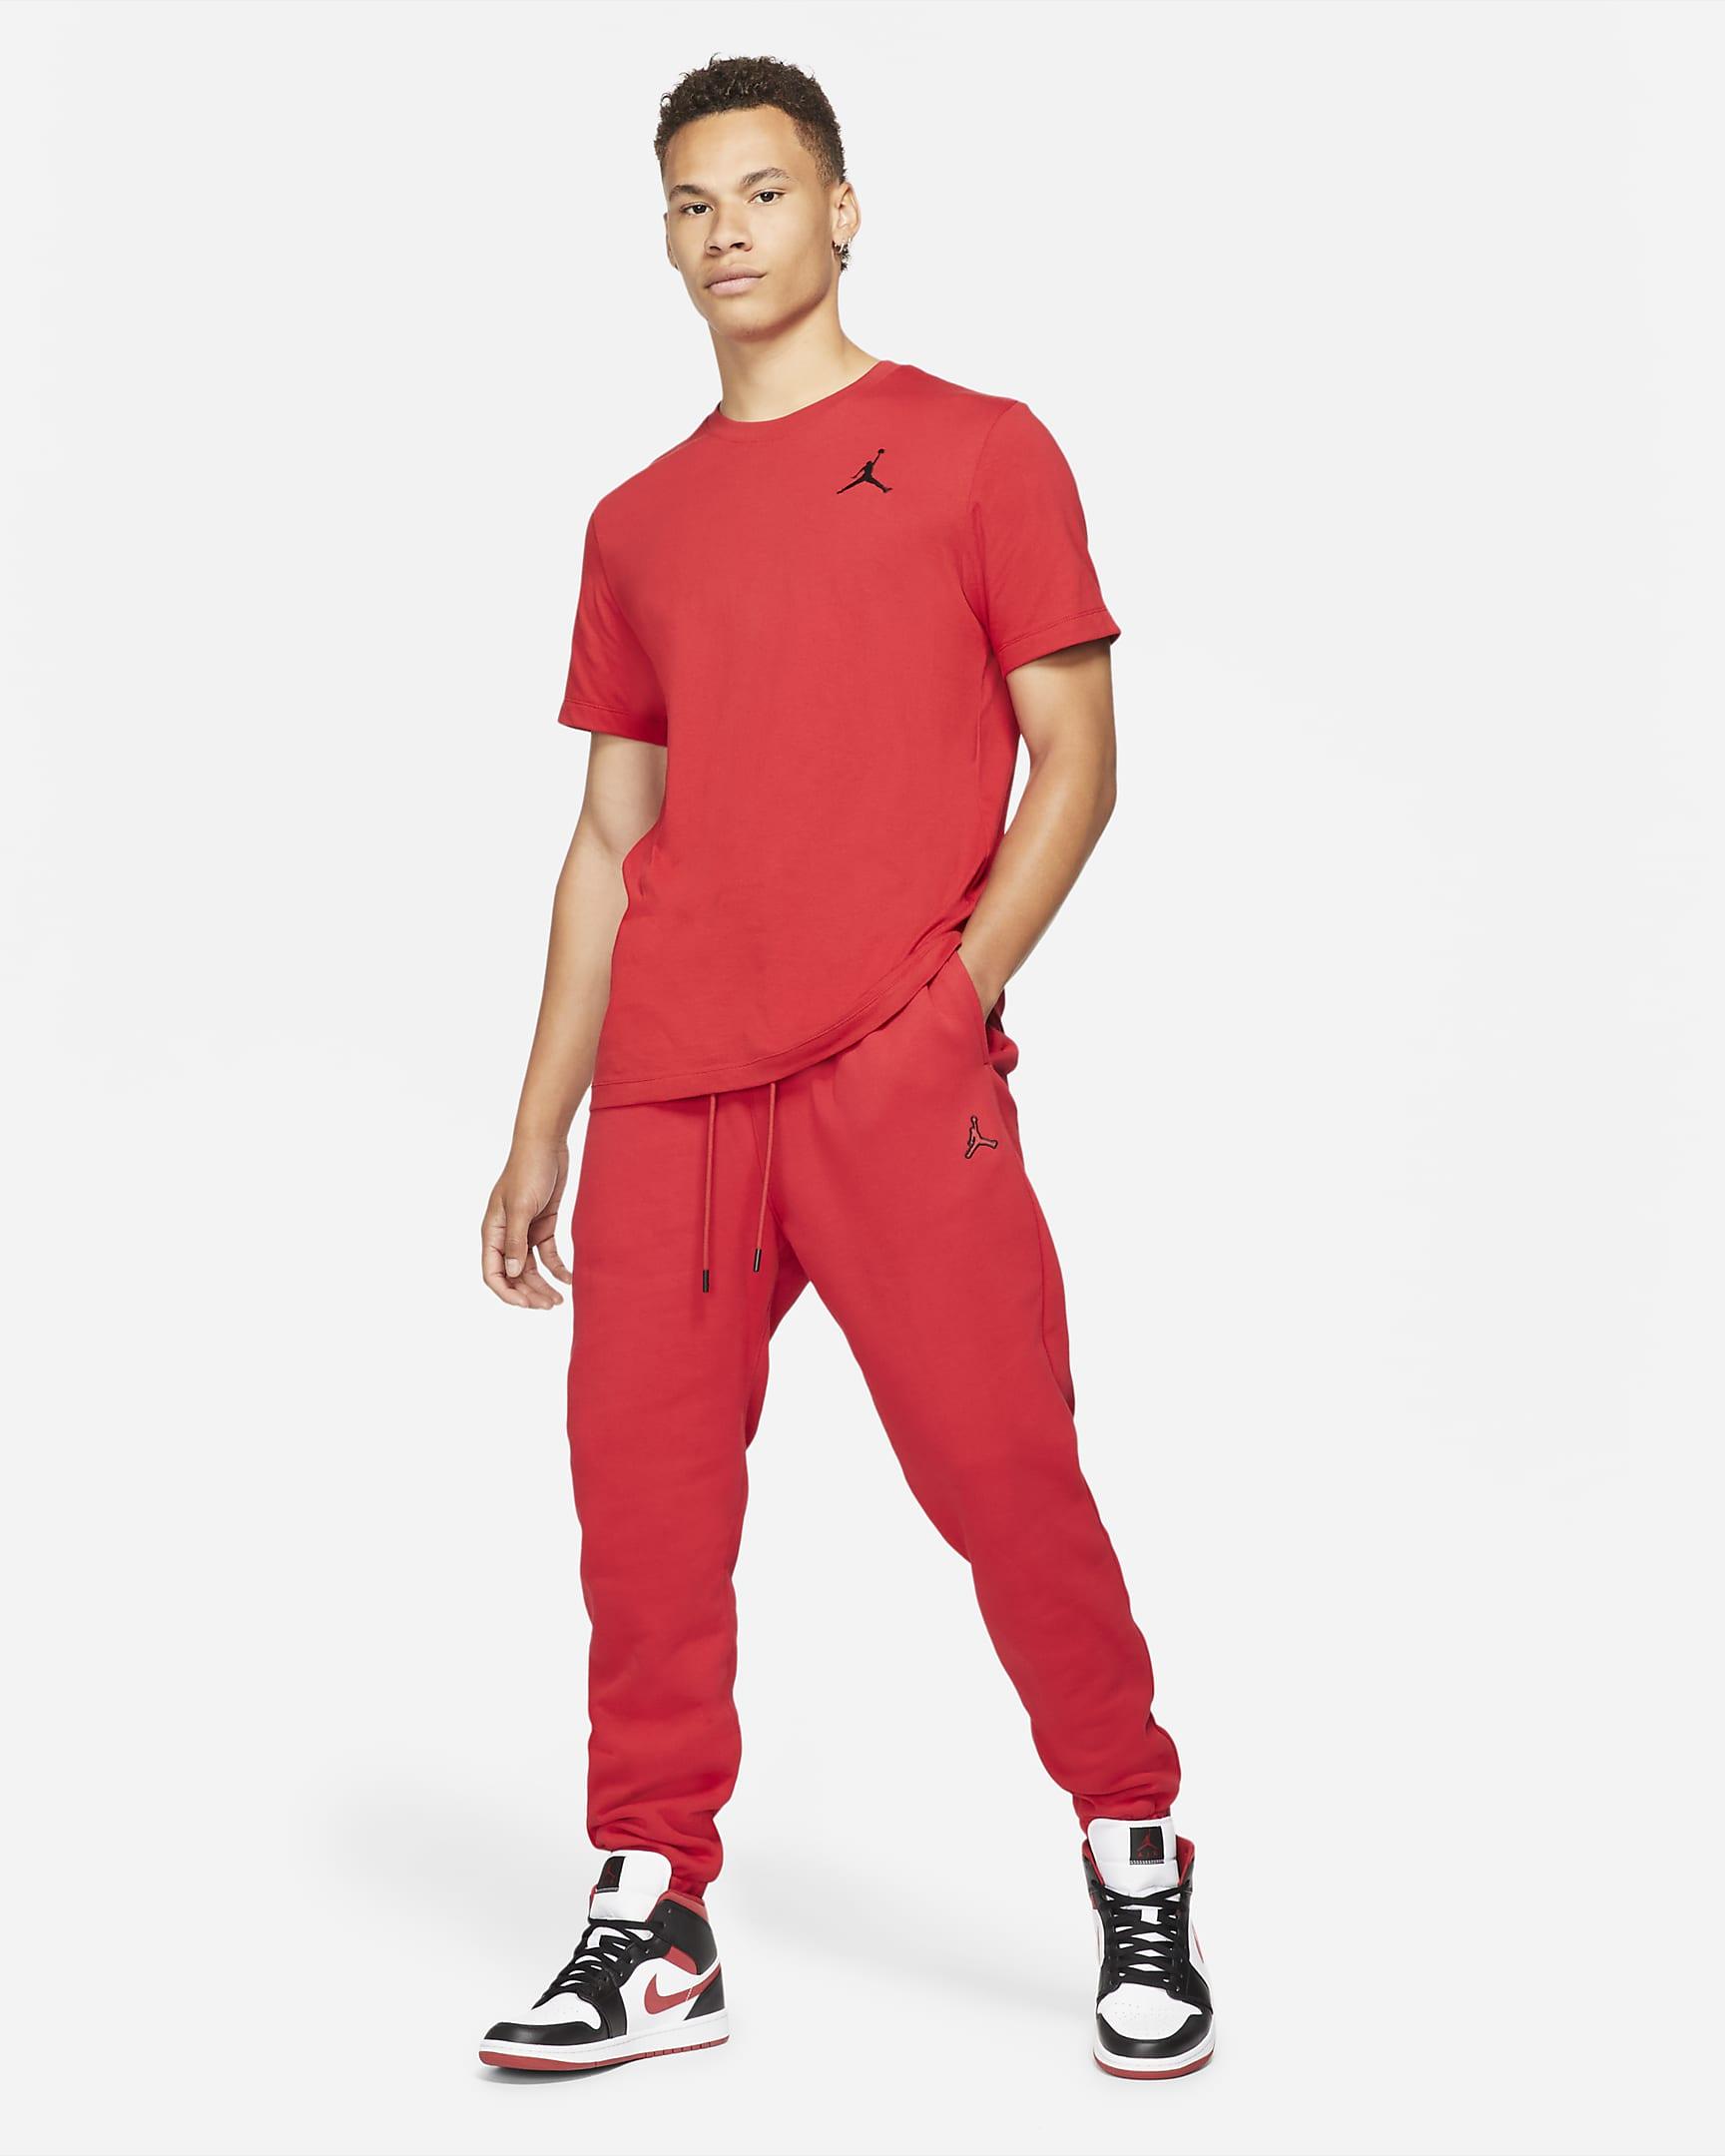 jordan-essentials-mens-fleece-pants-11d5wf-3.png